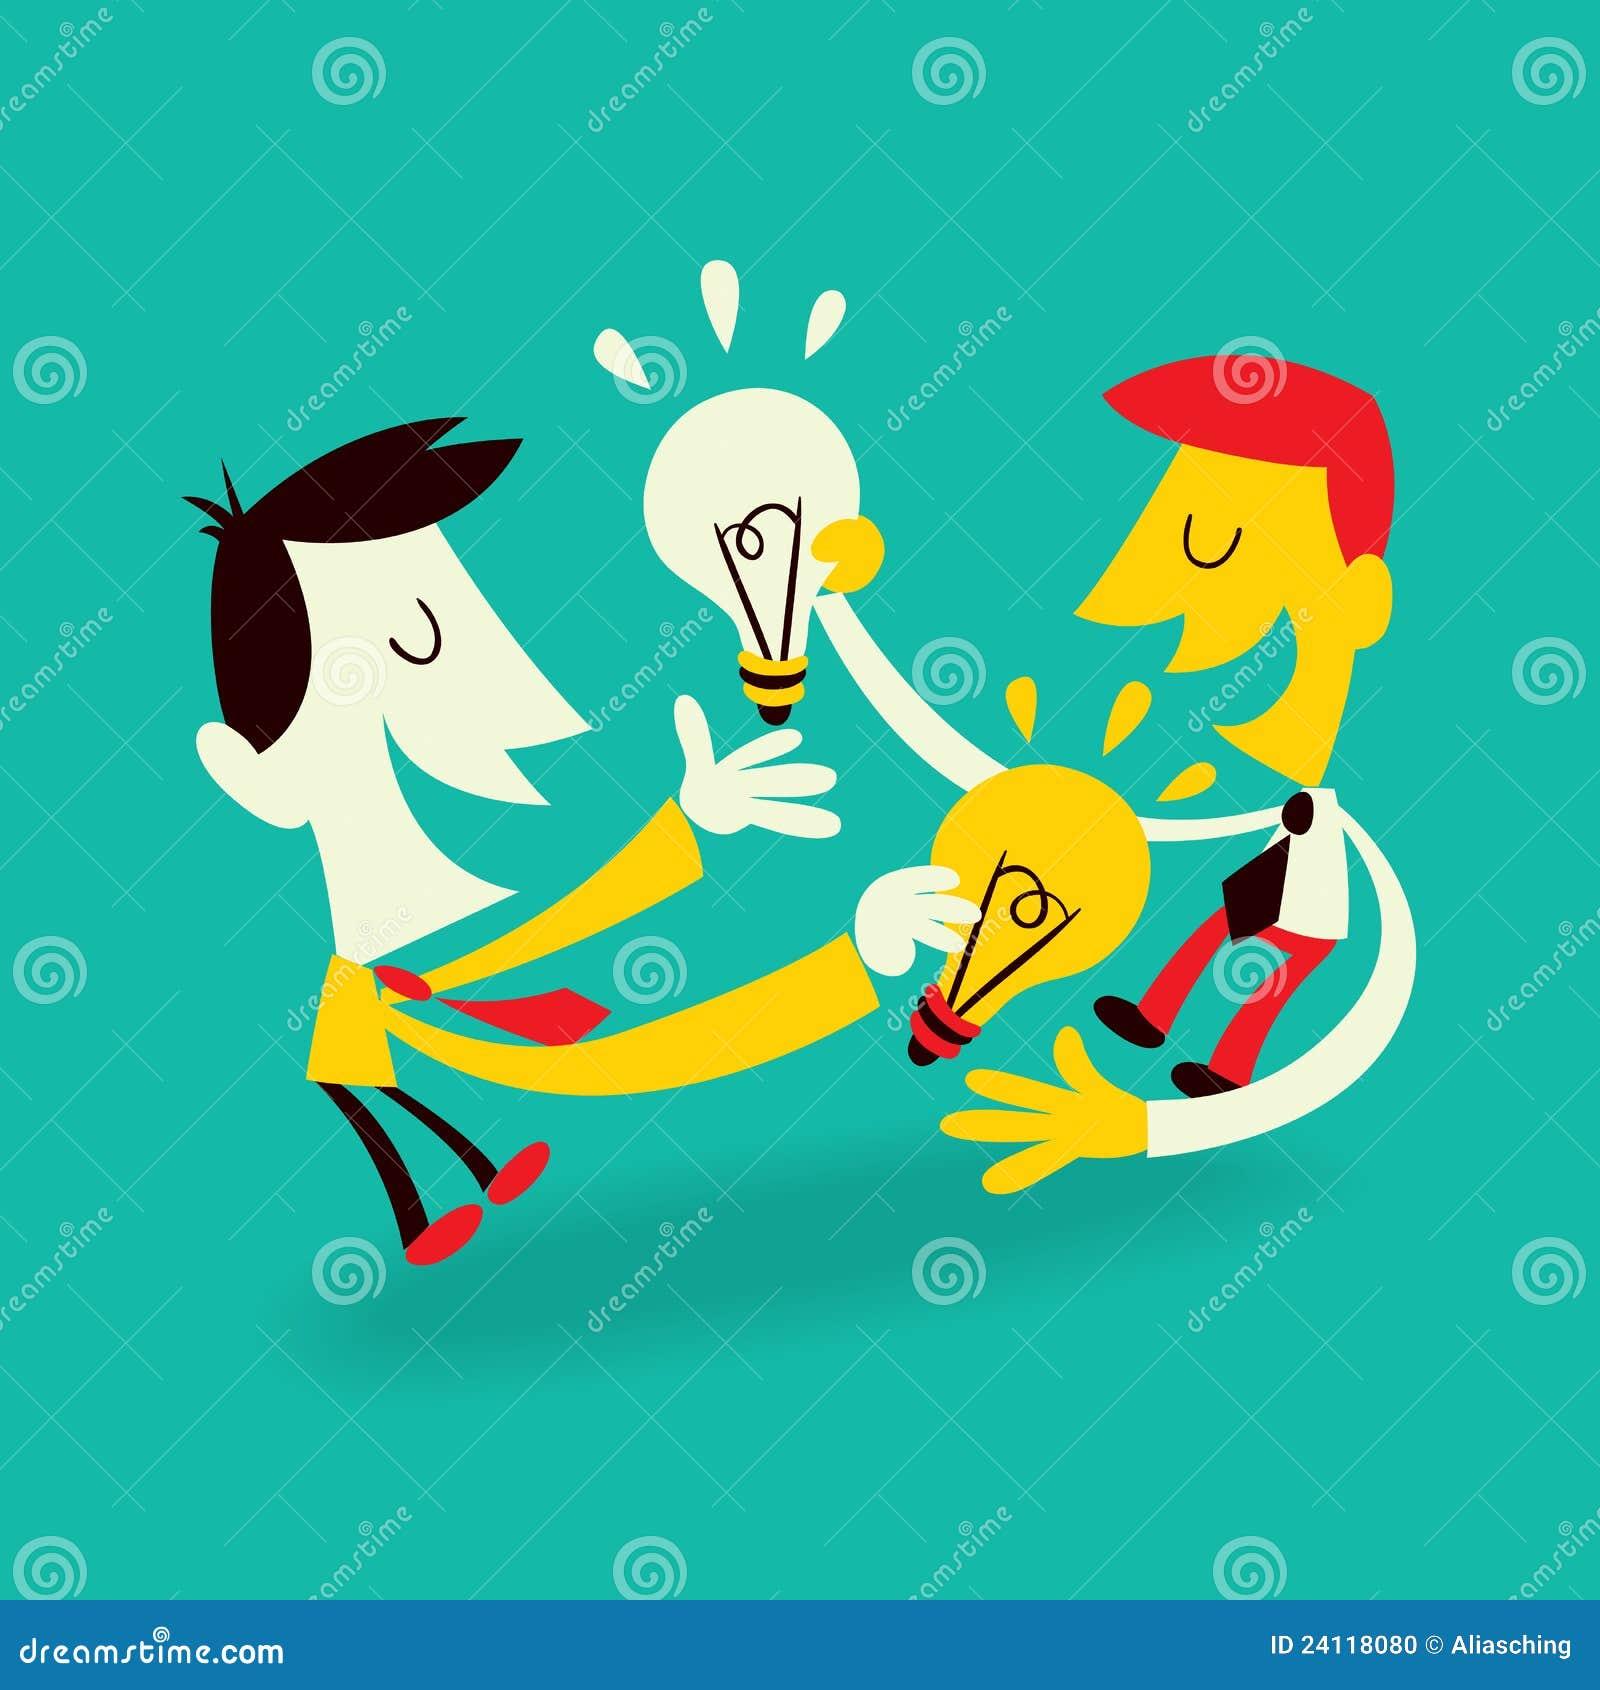 Ideen-Austausch vektor abbildung. Illustration von finanziell - 24118080